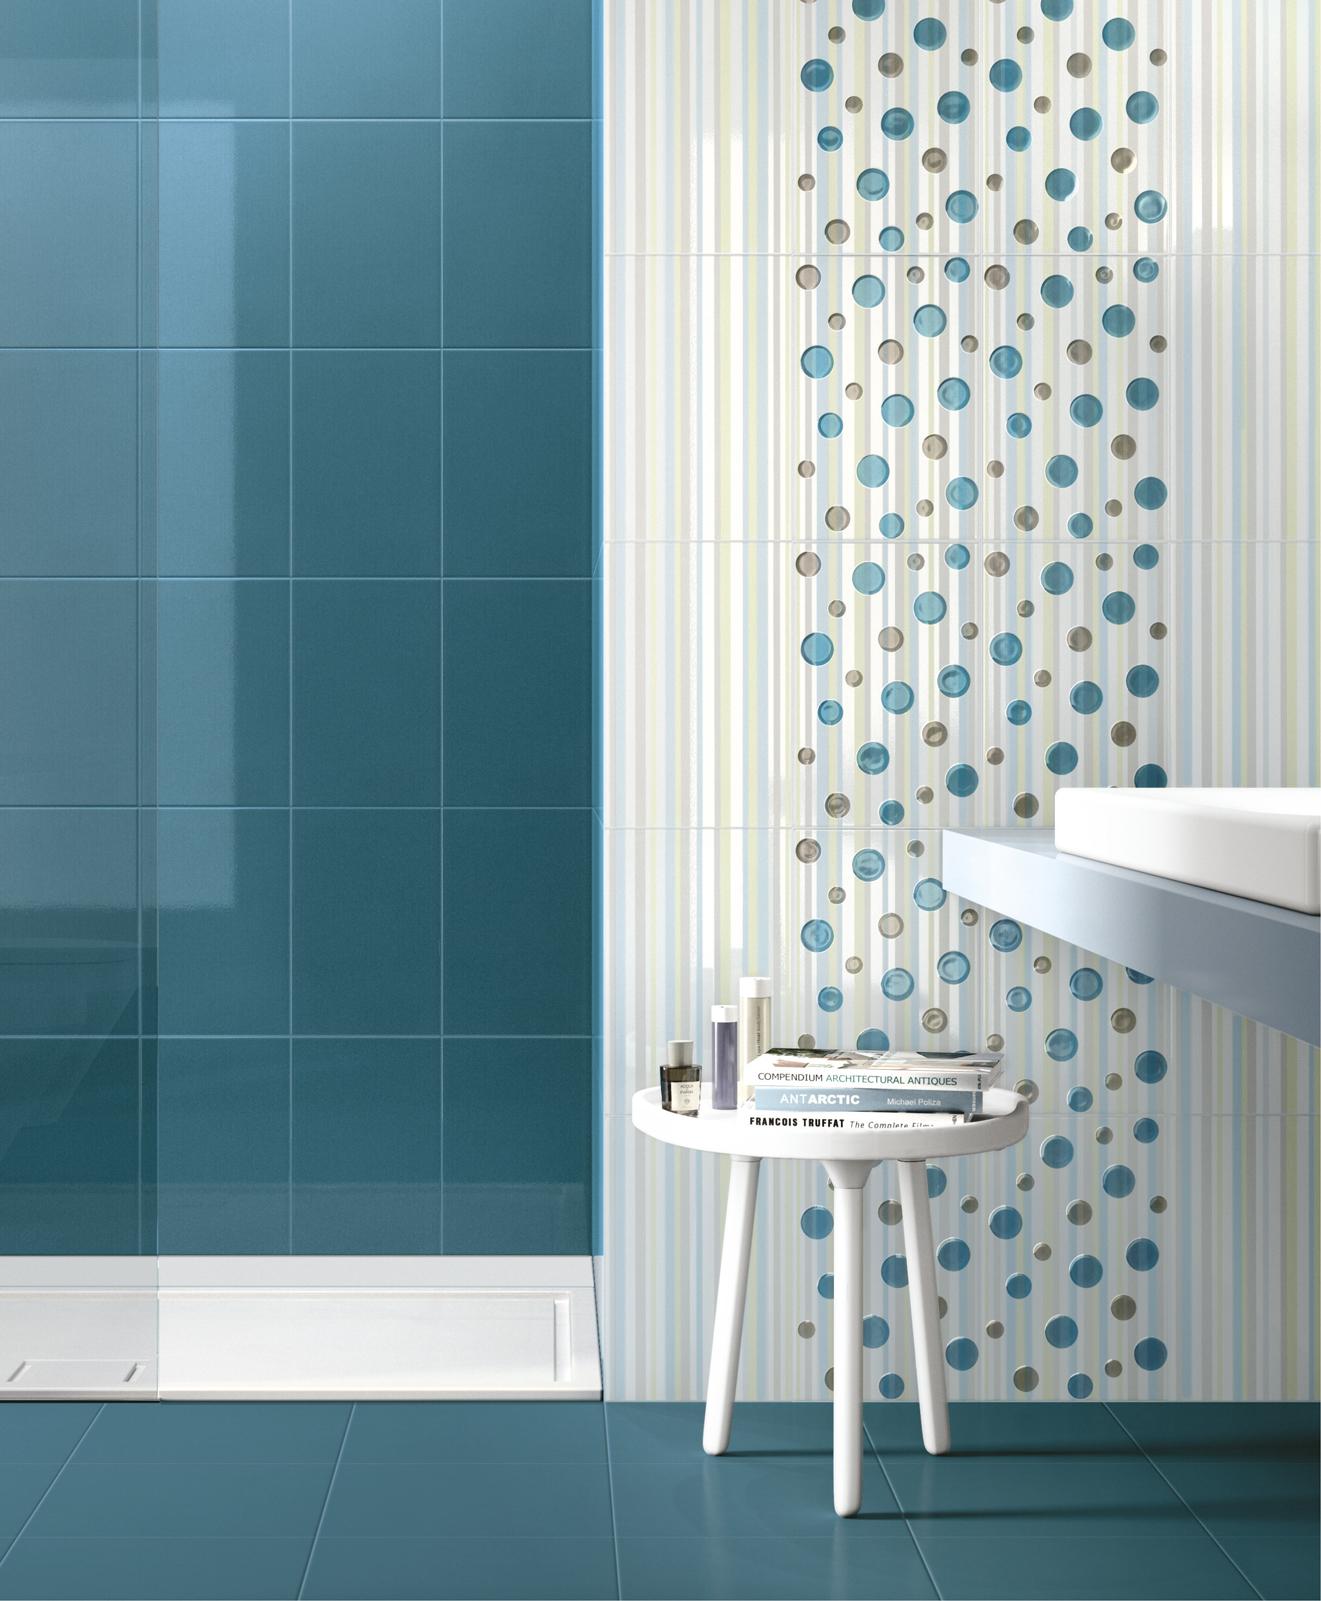 Azulejos Baño Gres Porcelanico:Ragno Tile Bathroom